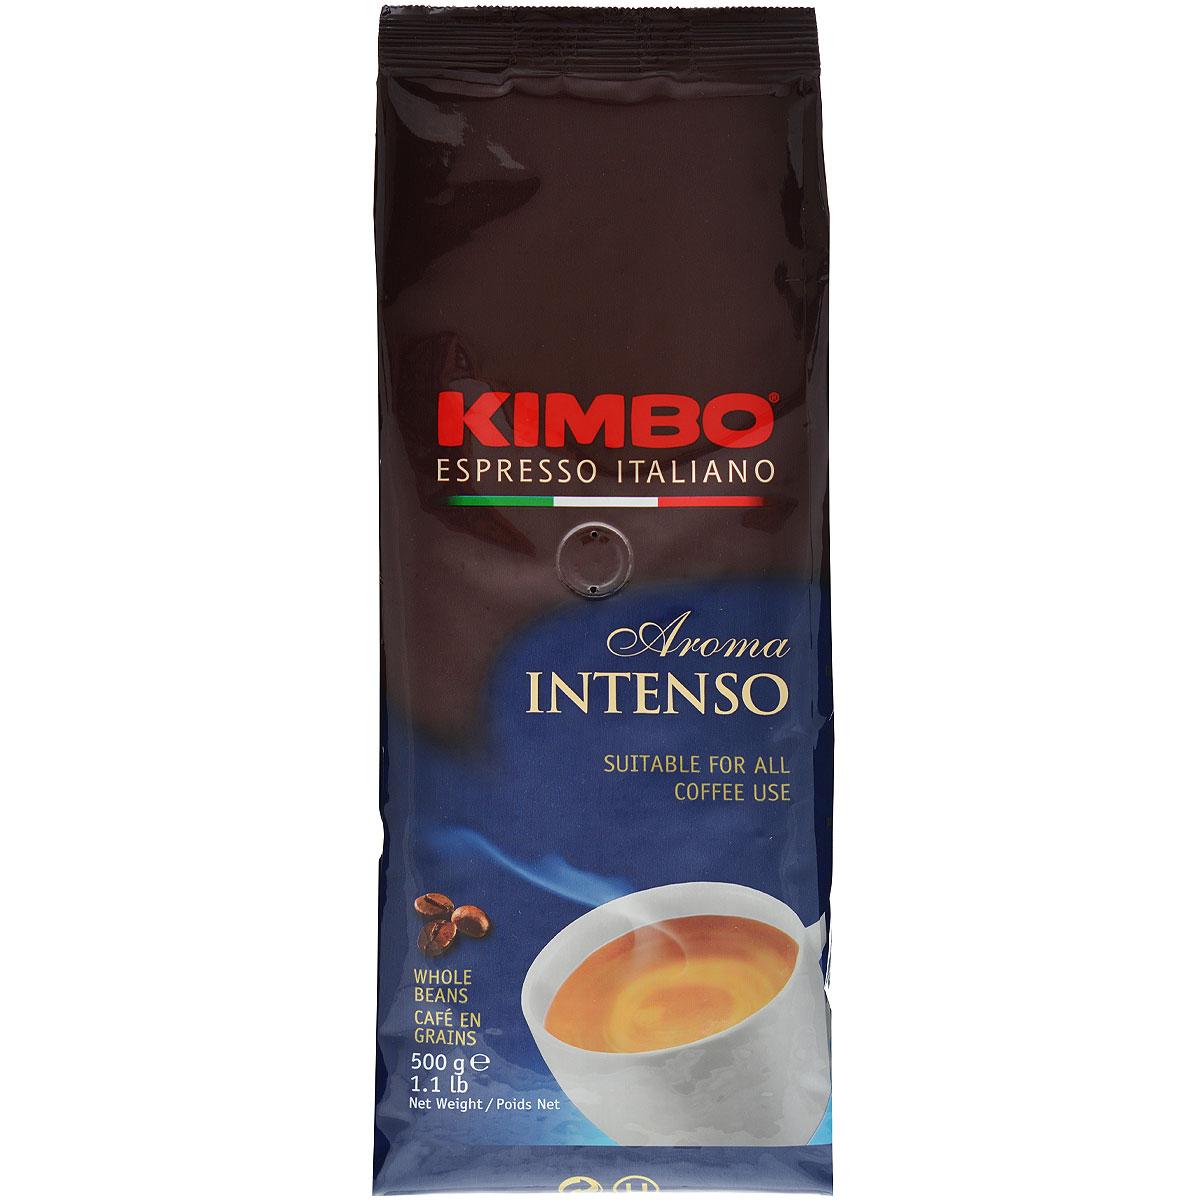 Kimbo Aroma Intenso кофе в зернах, 500 г8002200601225Натуральный жареный кофе в зернах Kimbo Aroma Intenso. Крепкий, с шоколадным послевкусием и ярким ароматом. Изысканная смесь арабики и робусты придаёт «Кимбо Арома Интенсо» насыщенный вкус. Состав смеси: 80% арабика, 20% робуста.